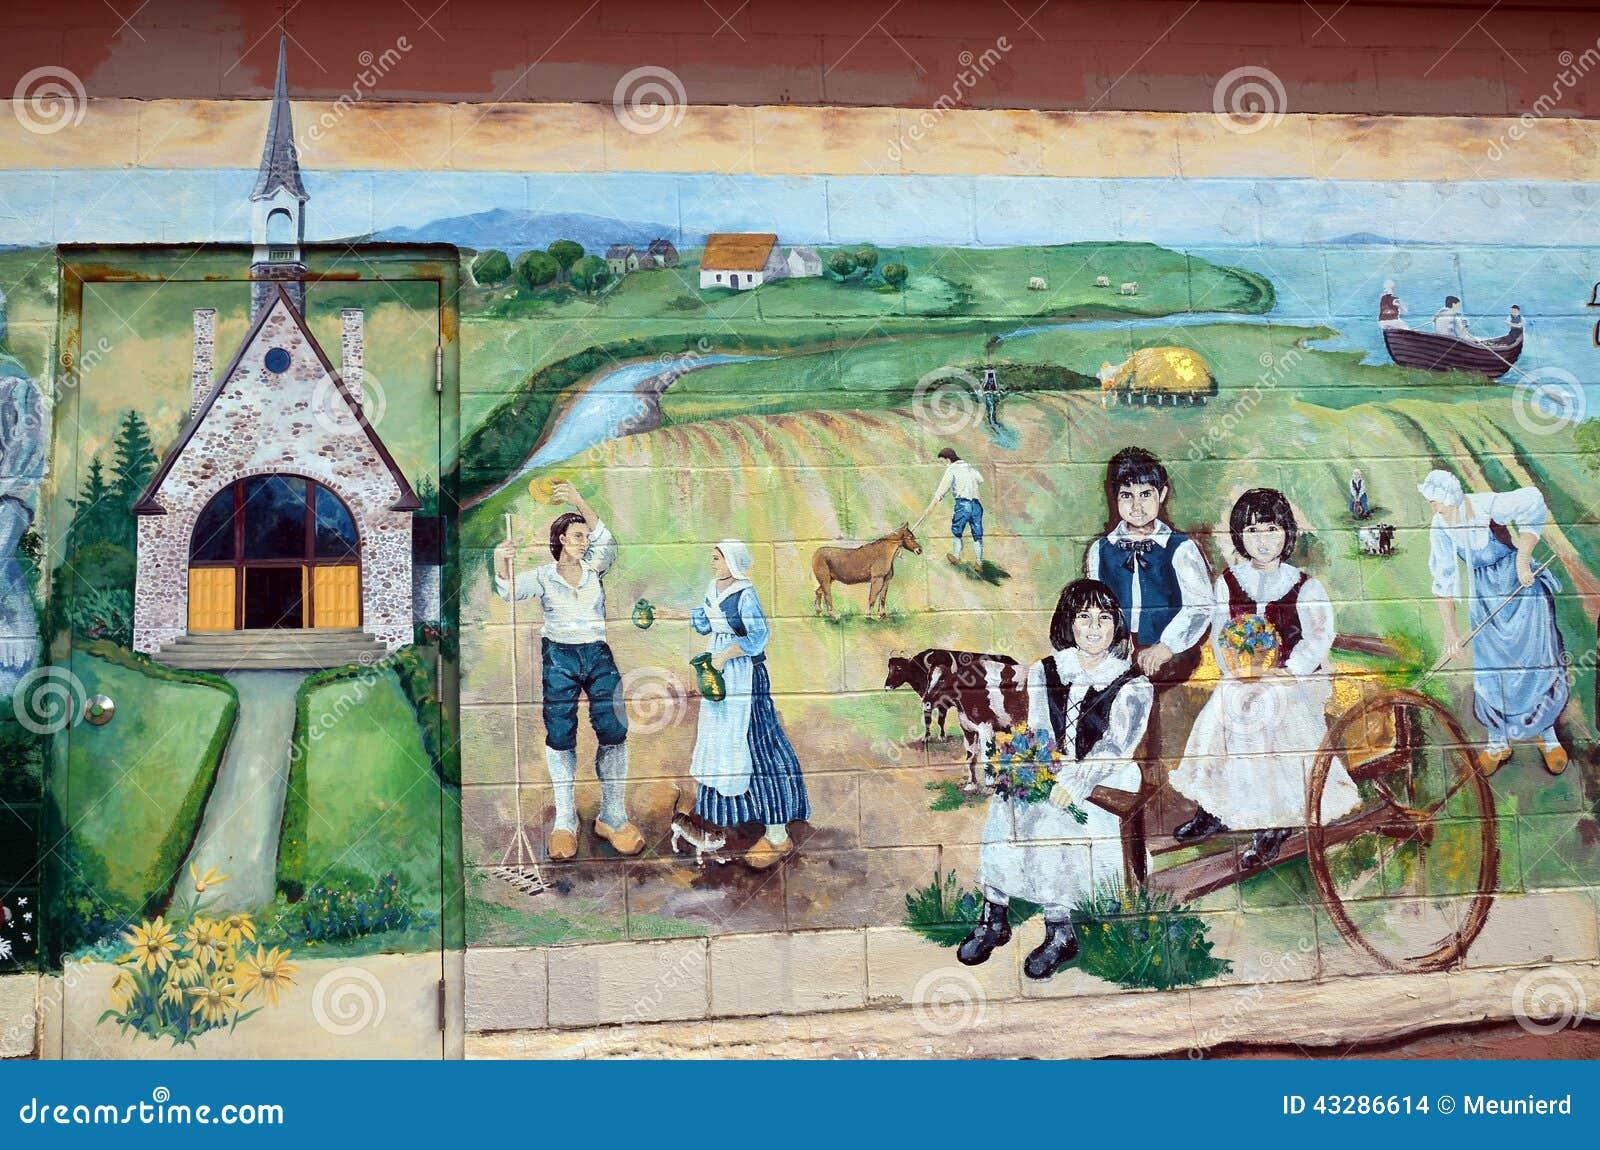 El mural cuenta la historia de la gente de los acadians